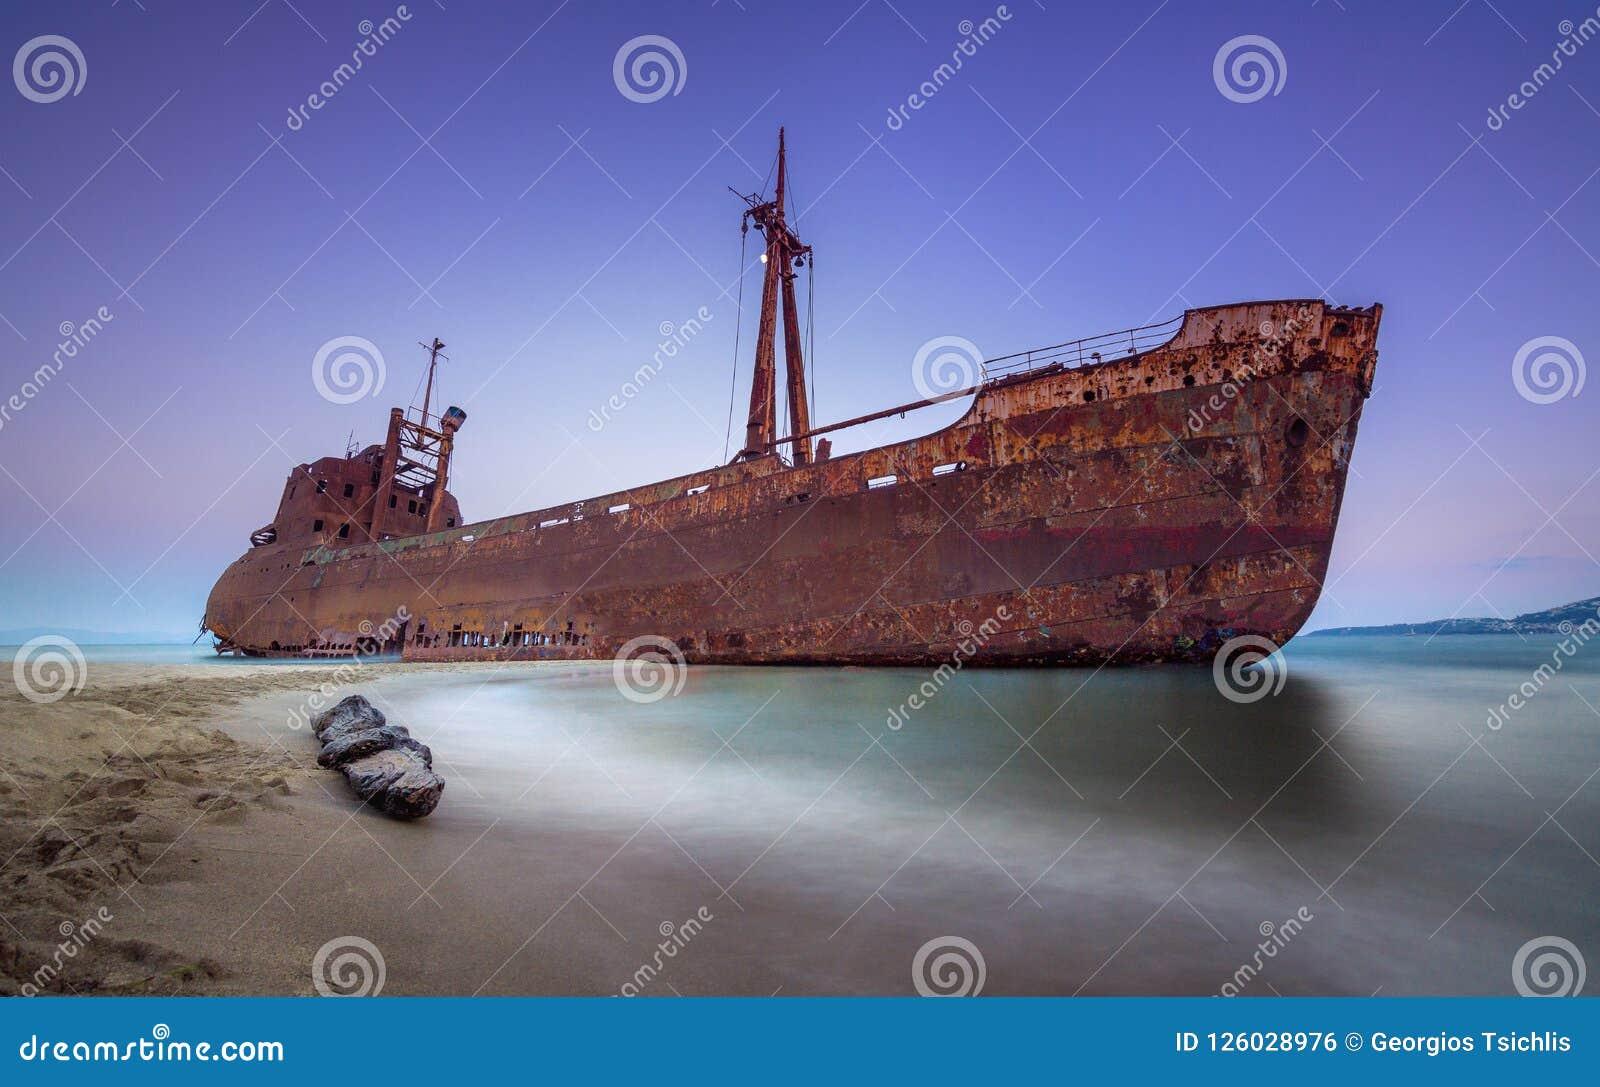 Greek coastline with the famous rusty shipwreck in Glyfada beach near Gytheio, Gythio Laconia Peloponnese.